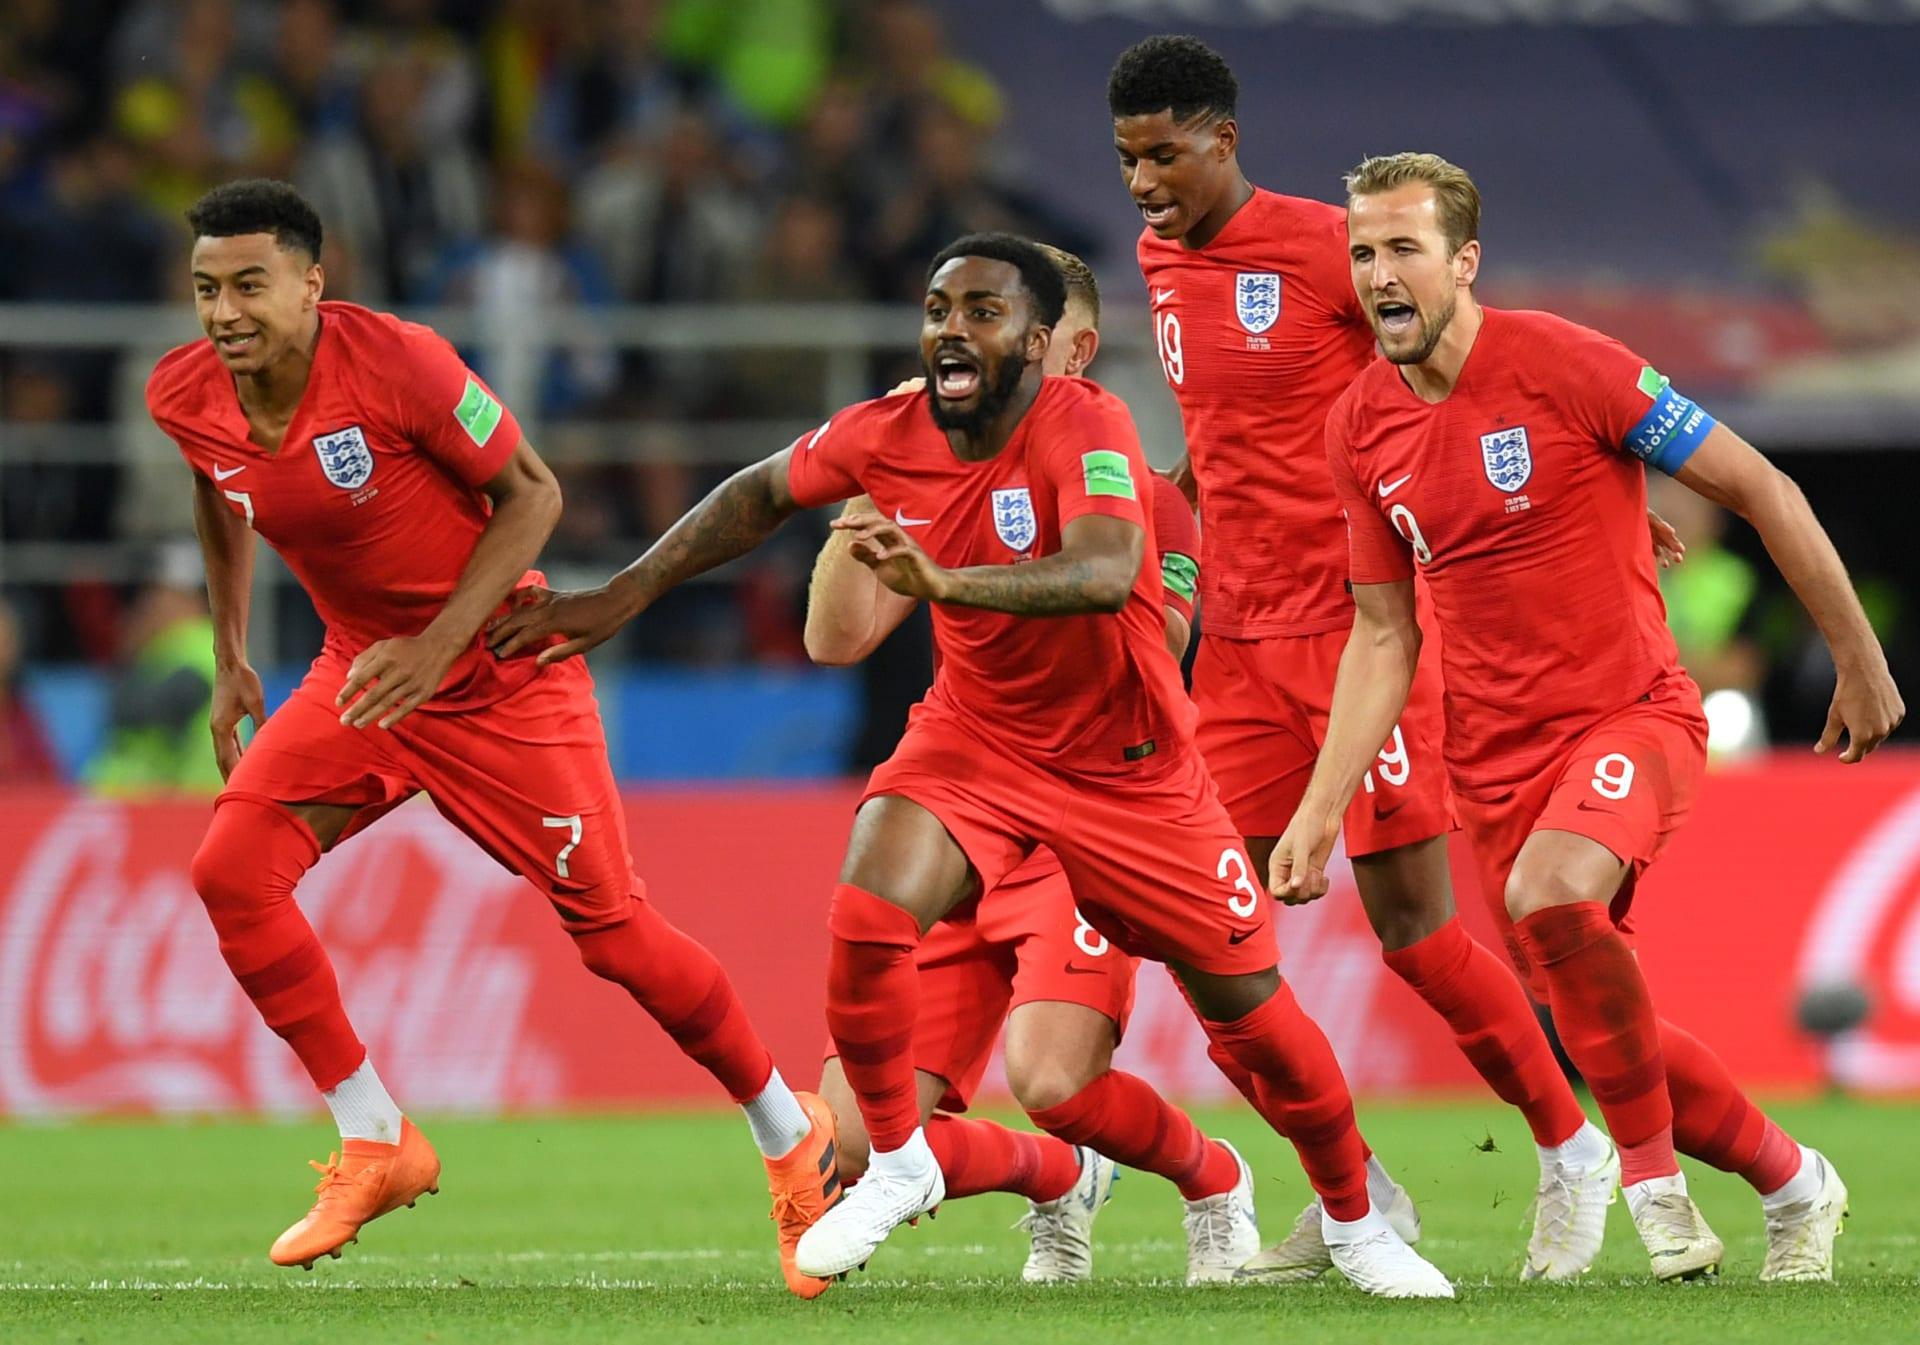 إنجلترا تكسر عقدة ركلات الترجيح وتبلغ ربع نهائي كأس العالم